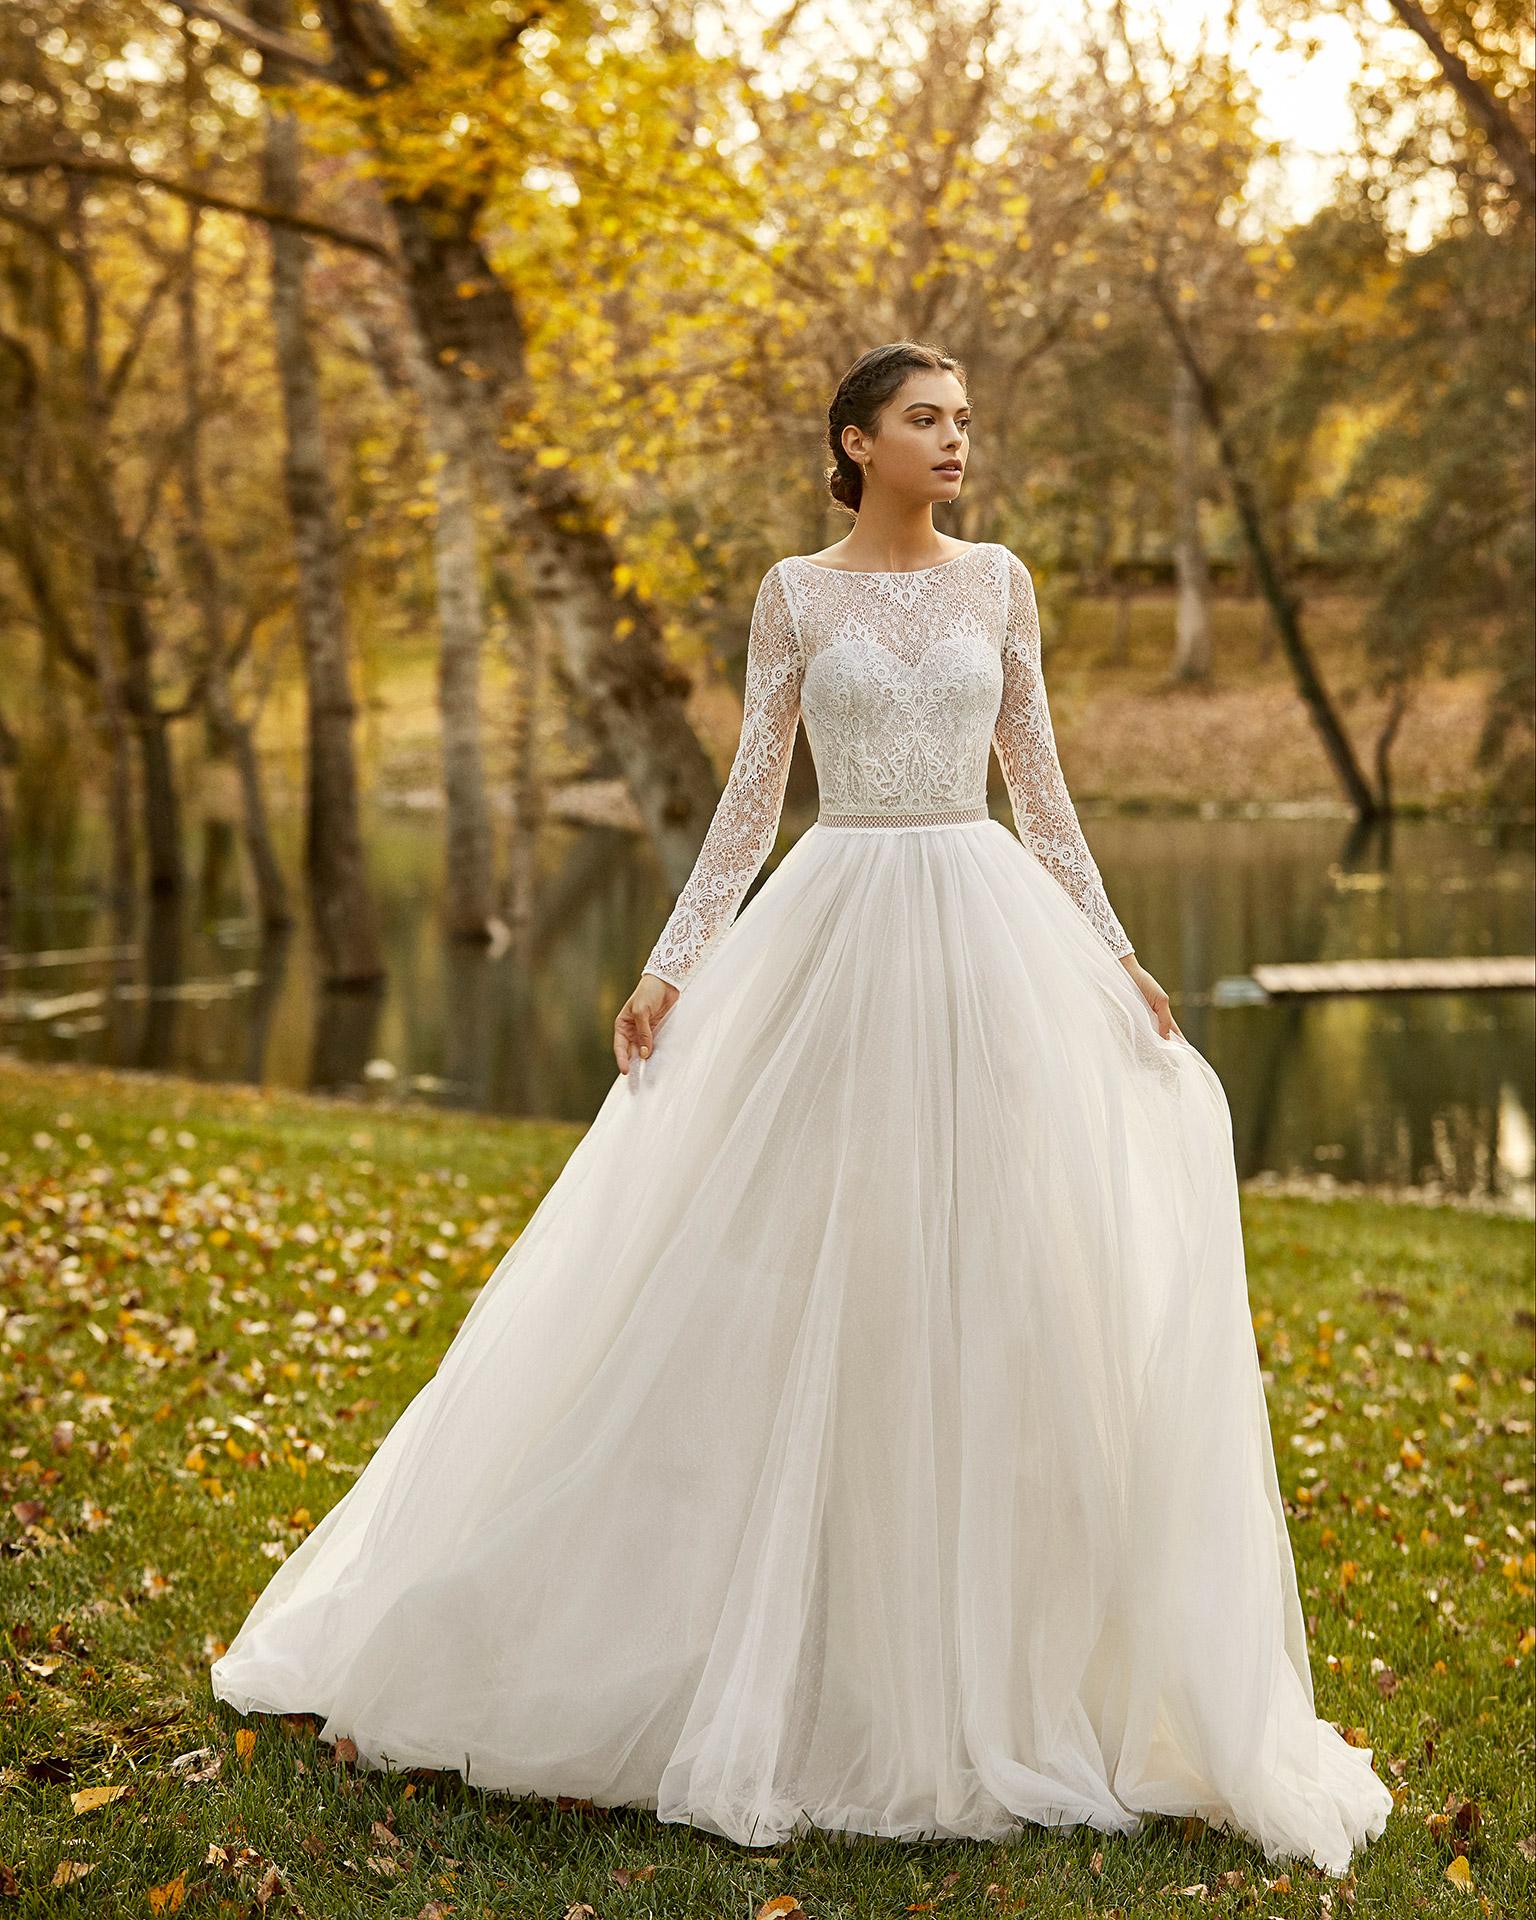 Vestido de novia estilo princesa de tul y encaje con escote corazón y espalda escotada. Colección ALMANOVIA 2020.